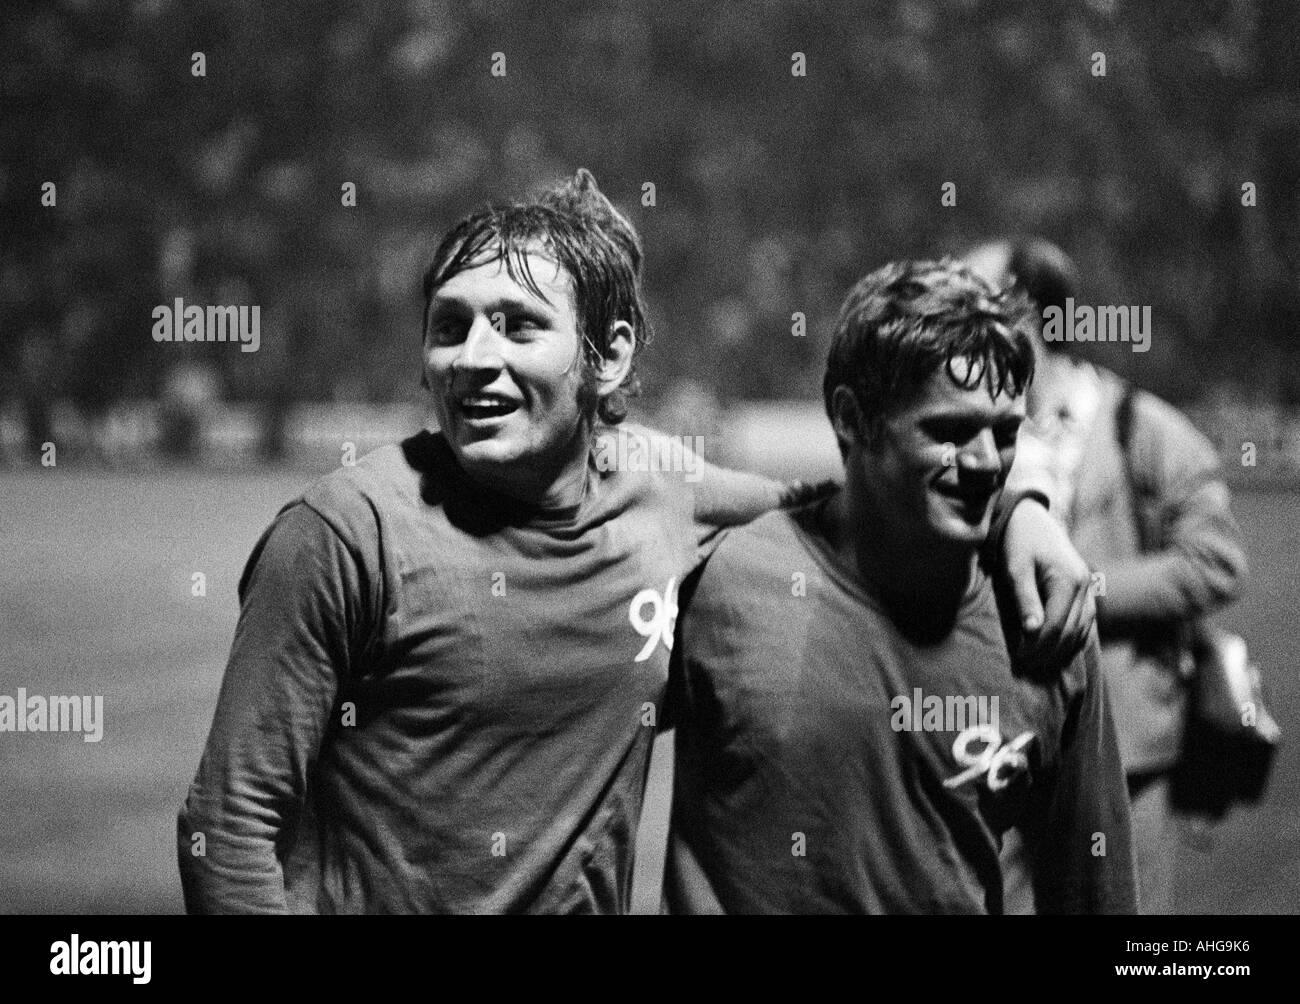 football, Bundesliga, 1970/1971, Borussia Moenchengladbach versus Hanover 96 0:0, Boekelberg Stadium, football players rejoicing at the draw, left Ferdinand Keller, right Rainer Stiller (both 96) - Stock Image